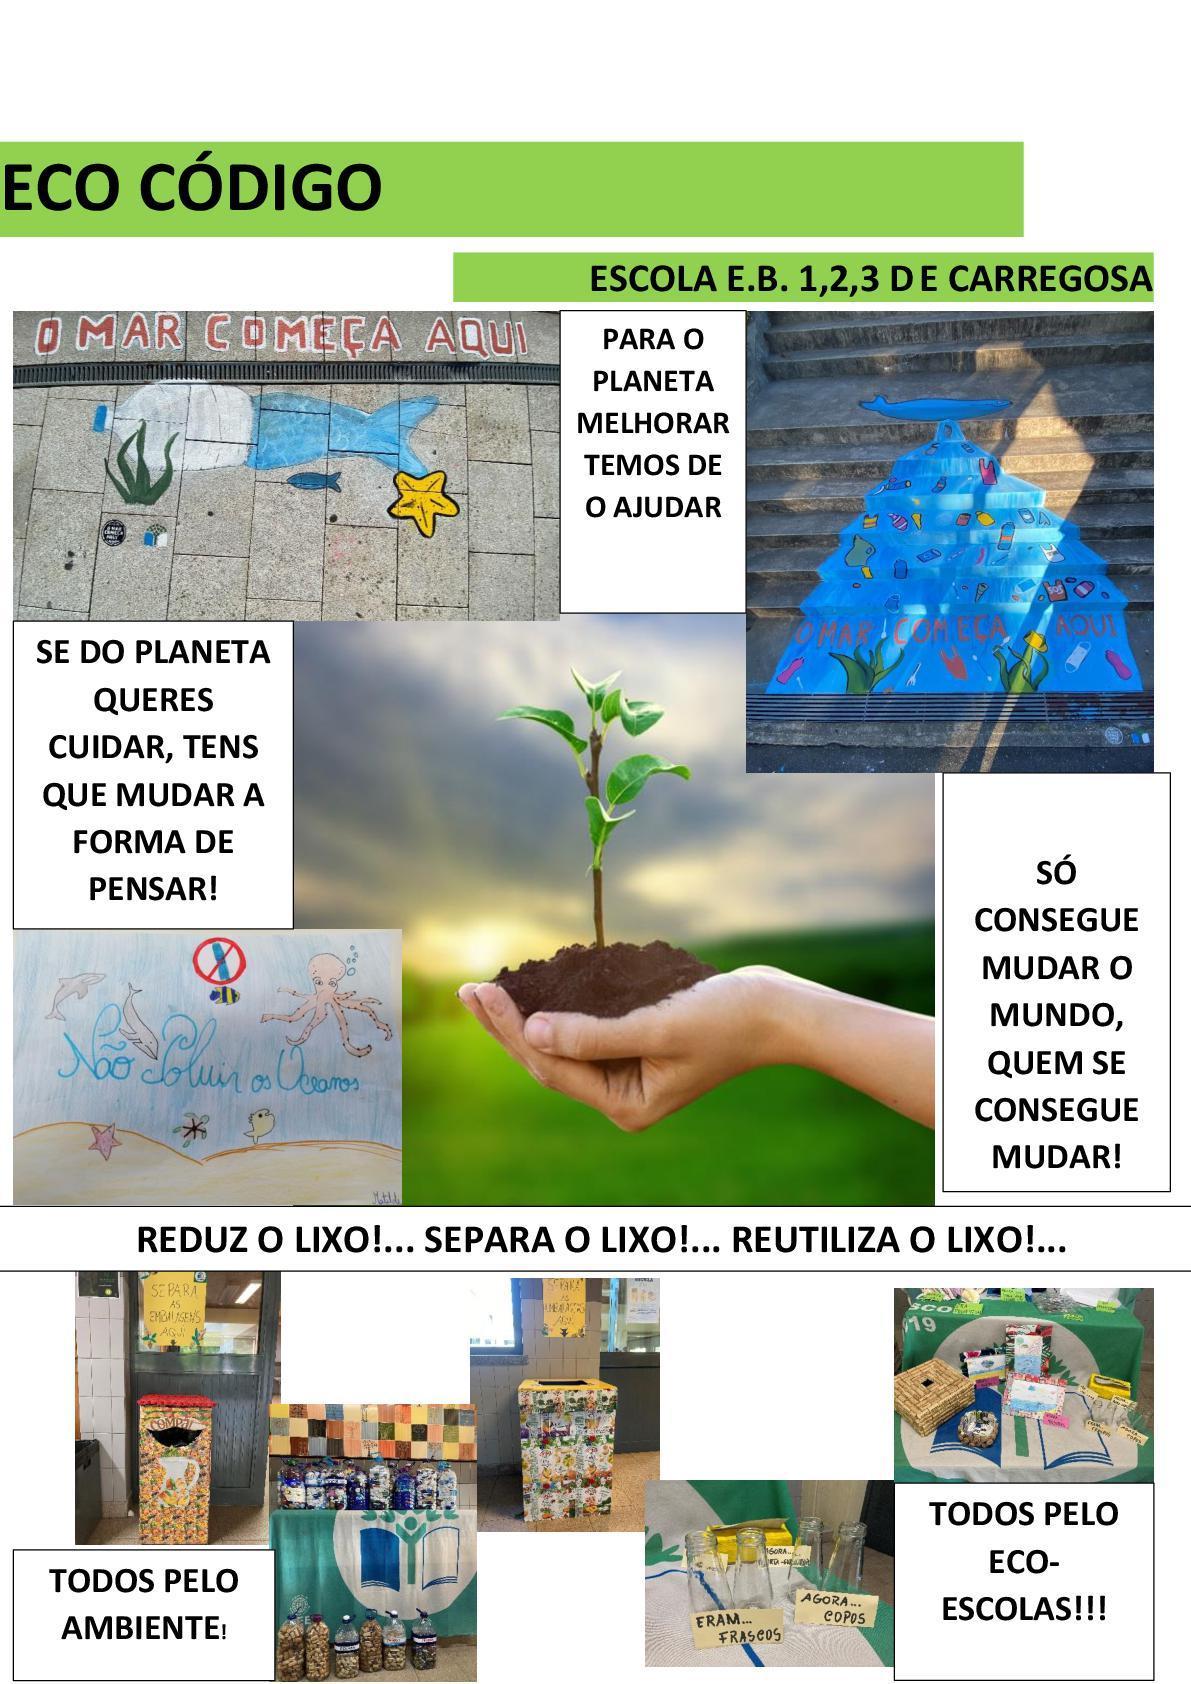 Eco-código EB 1,2,3 Carregosa